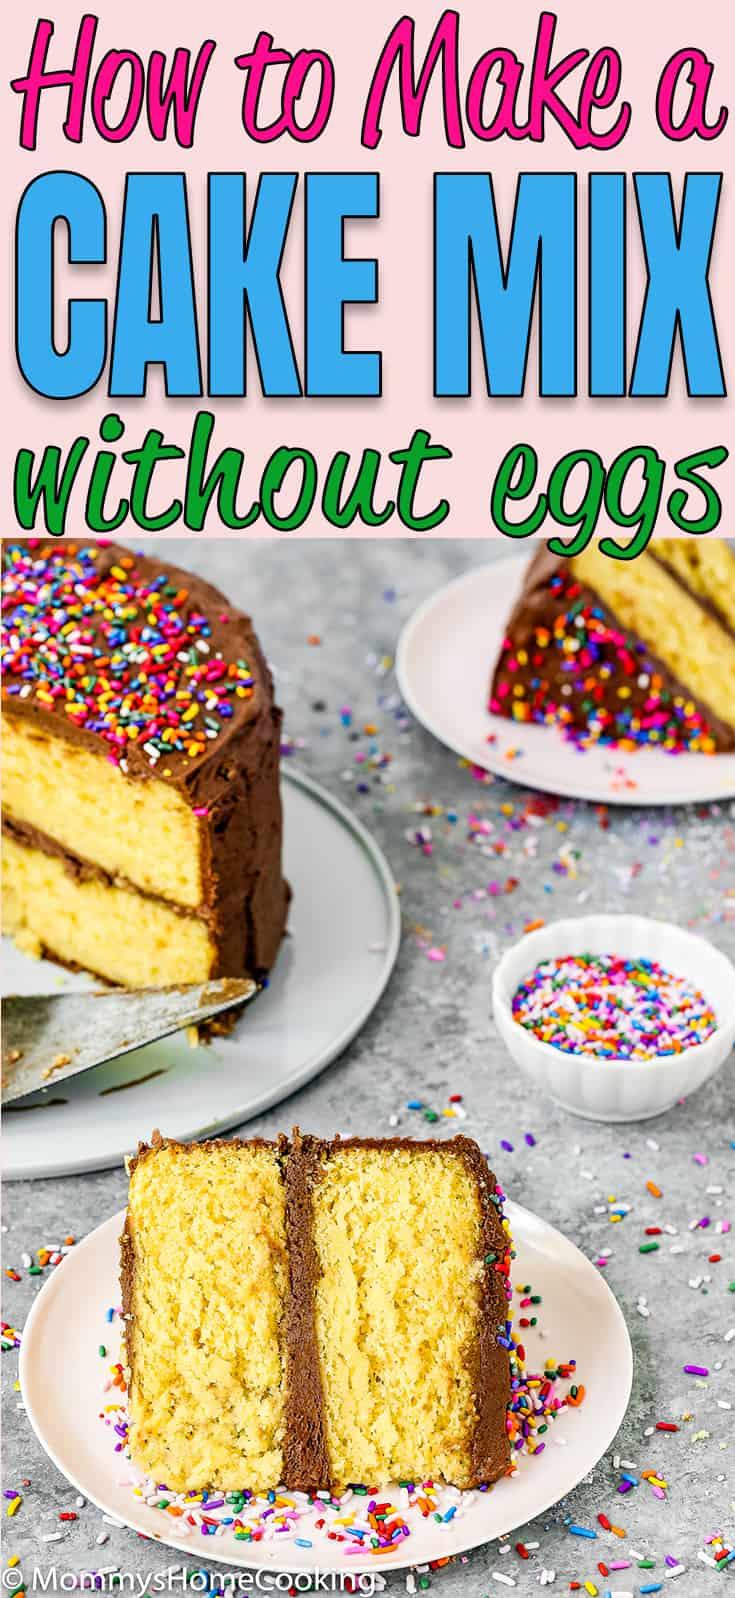 """Est-ce que vous ou quelqu'un que vous aimez êtes allergique aux œufs? Ou avez-vous juste manqué d'œufs? Ne paniquez pas! Vous pouvez toujours faire ce gâteau en boîte dont vous avez envie. Apprenez mon astuce sur comment faire une boîte de mélange de gâteau sans oeufs. Pratique pur et incroyablement délicieux! https://mommyshomecooking.com """"width ="""" 735 """"height ="""" 1598 """"srcset ="""" https://mommyshomecooking.com/wp-content/uploads/2018/05/How-to-Make-a-Cake-Mix -Box-without-Eggs-pin.jpg 735w, https://mommyshomecooking.com/wp-content/uploads/2018/05/How-tur-make-a-Cake-Mix-Box-without-Eggs-pin- 138x300.jpg 138w, https://mommyshomecooking.com/wp-content/uploads/2018/05/How-take-Make-a-Cake-Mix-Box-without-Eggs-pin-459x998.jpg 459w """"tailles = """"(largeur maximale: 735px) 100vw, 735px"""